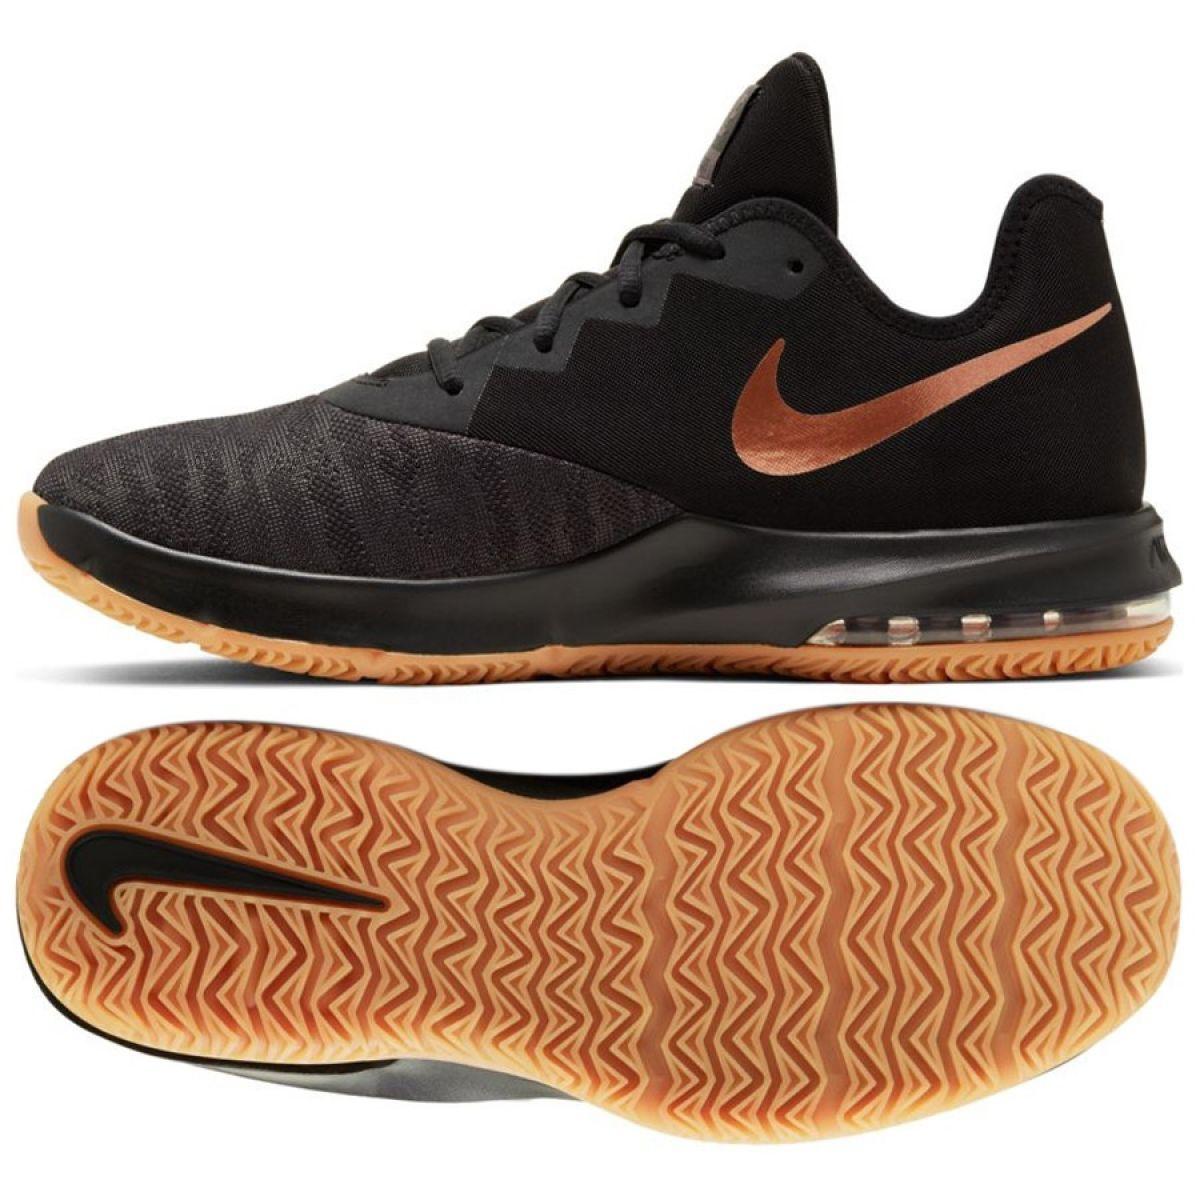 Nike Air Max Infuriate Iii Low M AJ5898 009 cipő fekete fekete